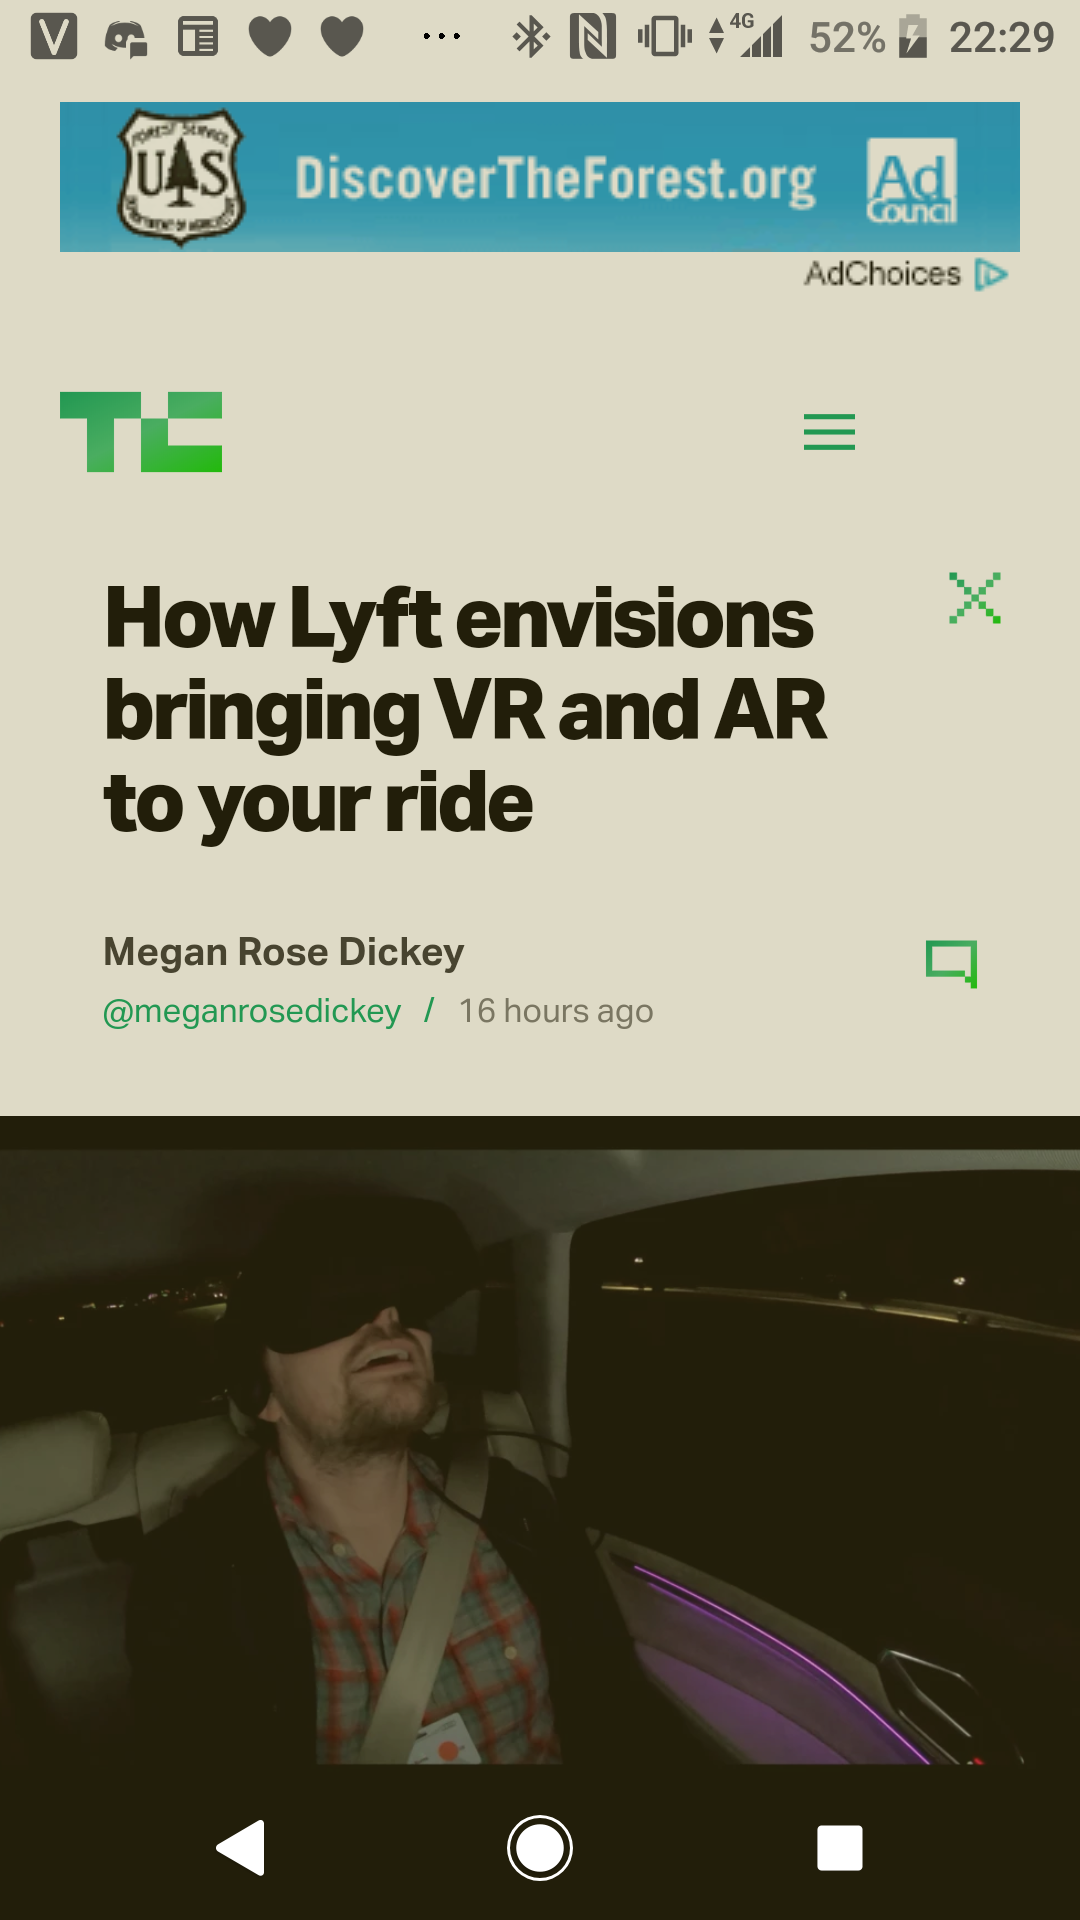 #45 LyftはVR/ARを使って乗車体験にどのような変化をもたらすのか?